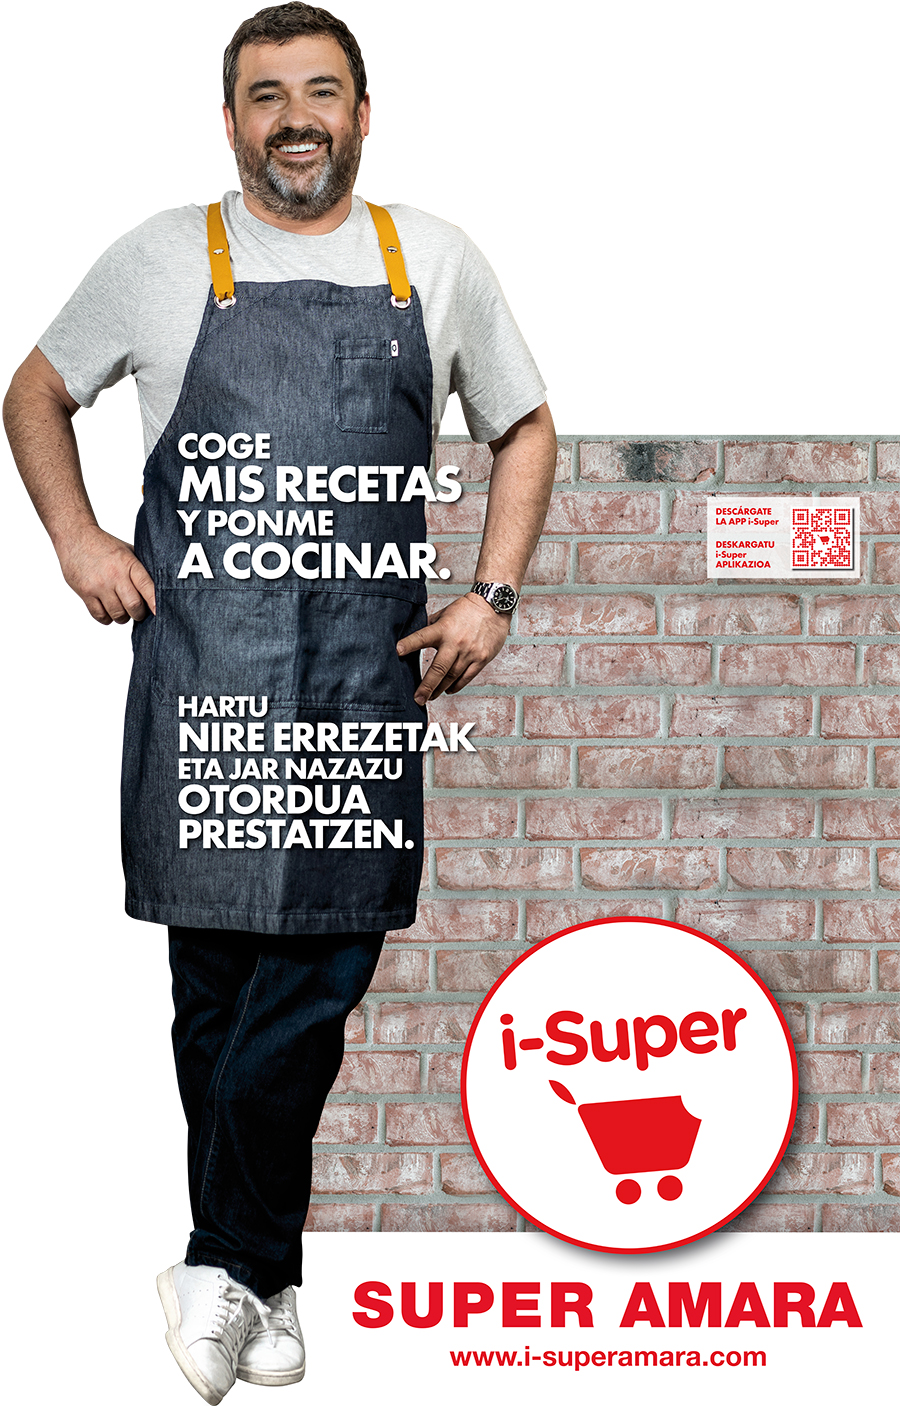 Ander González, i-Super de SUPER AMARA